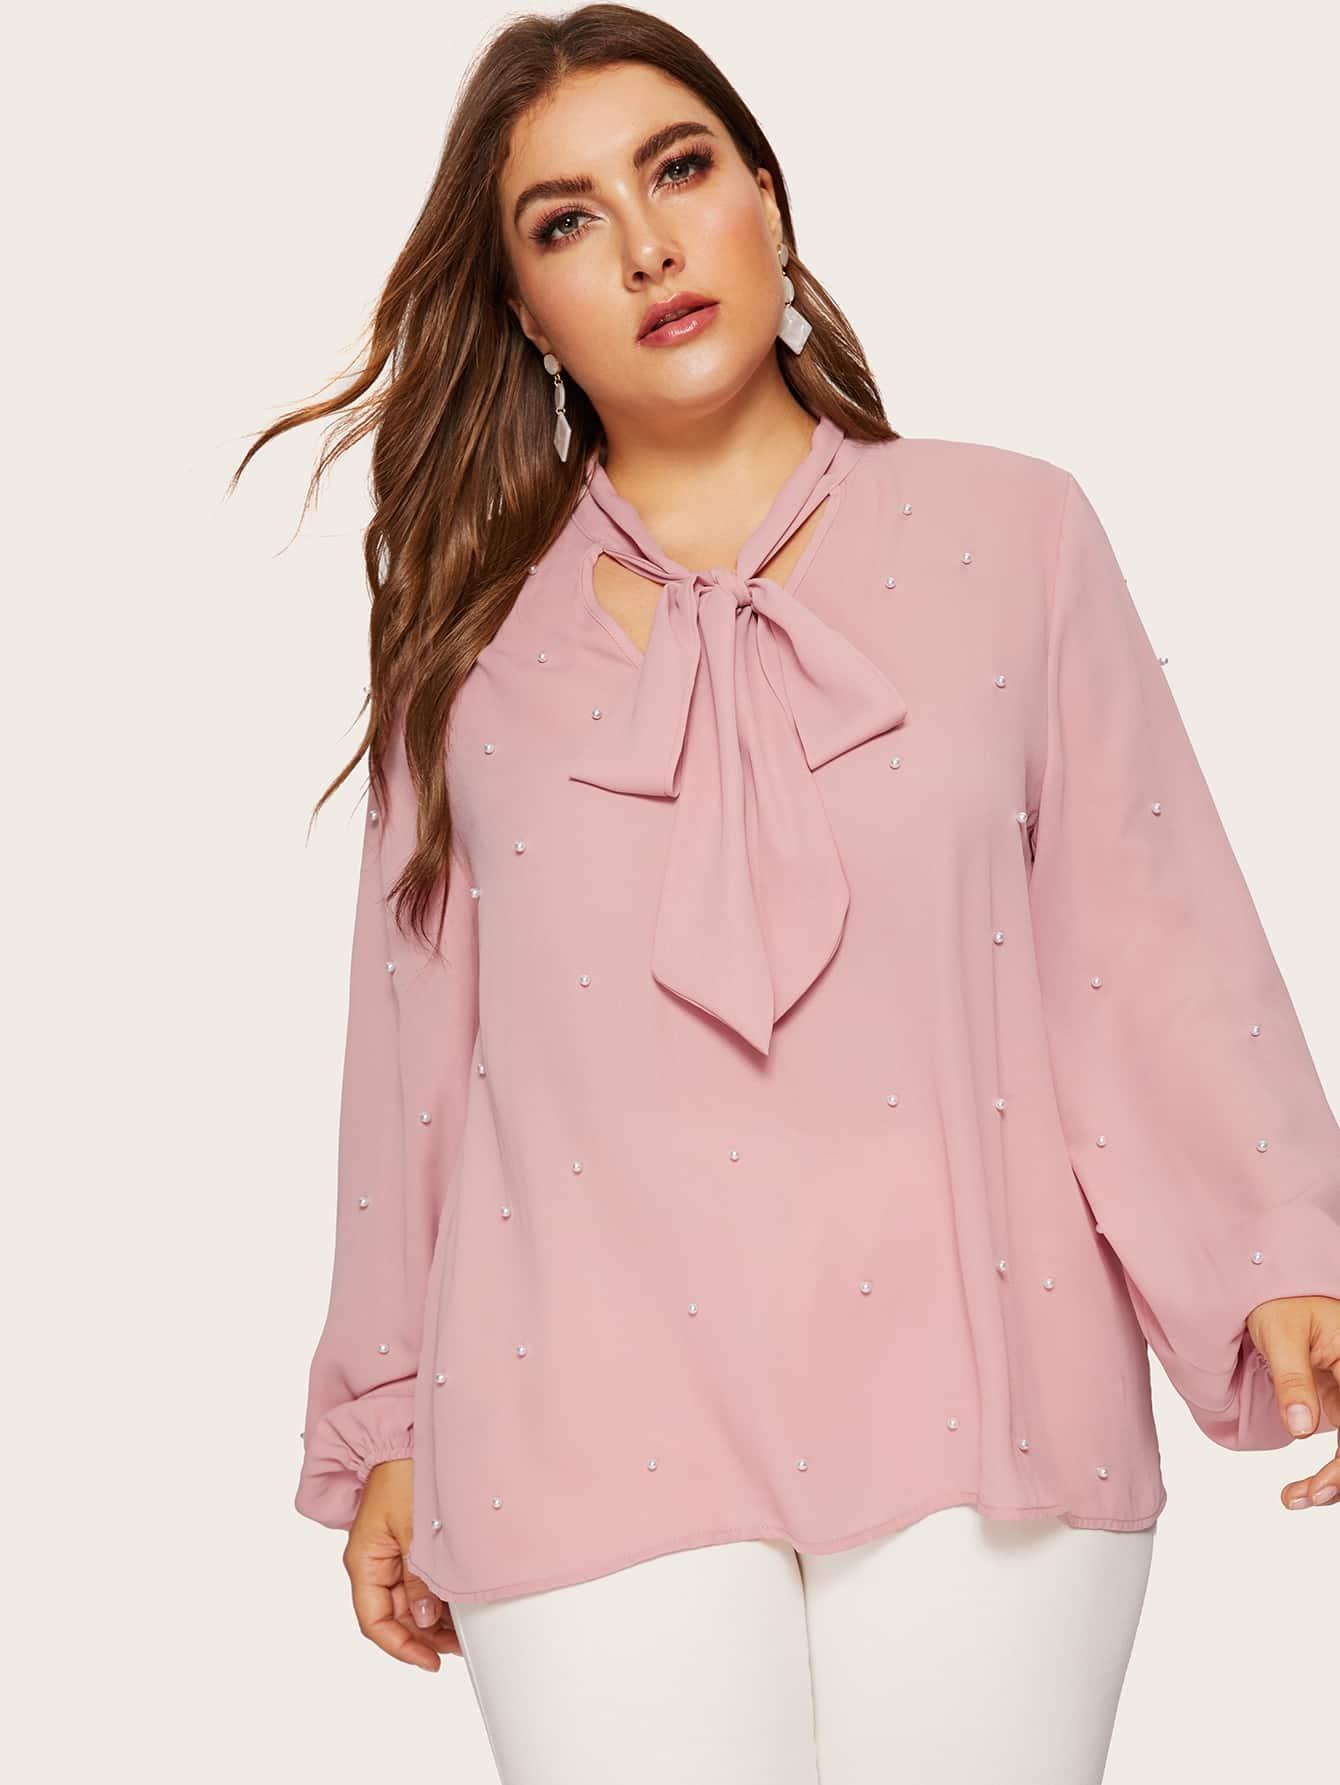 Купить Размера плюс блуза с завязкой на шее бисерами и оригинальным рукавом, Franziska, SheIn